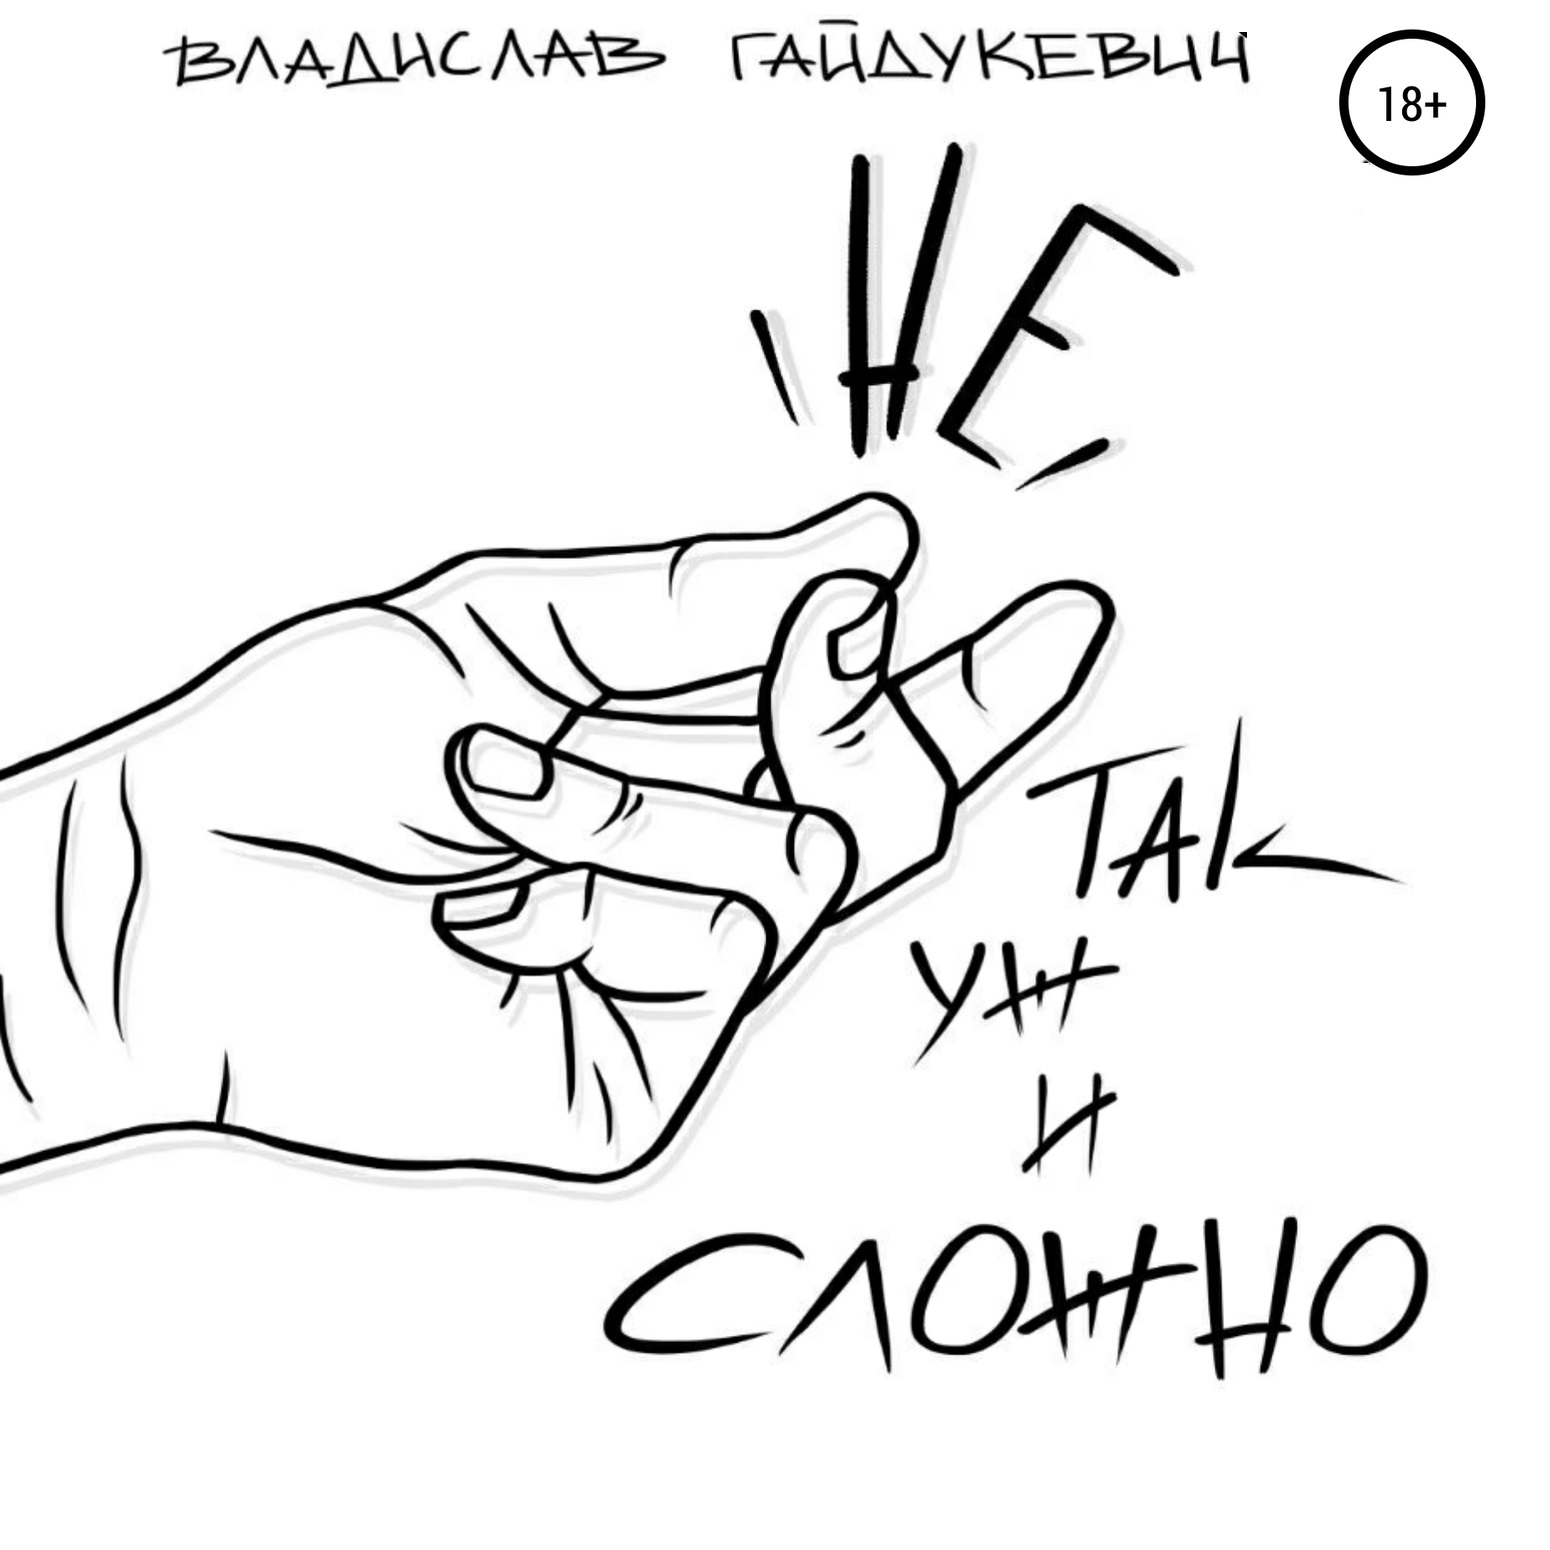 Купить книгу Не так уж и сложно, автора Владислава Гайдукевича